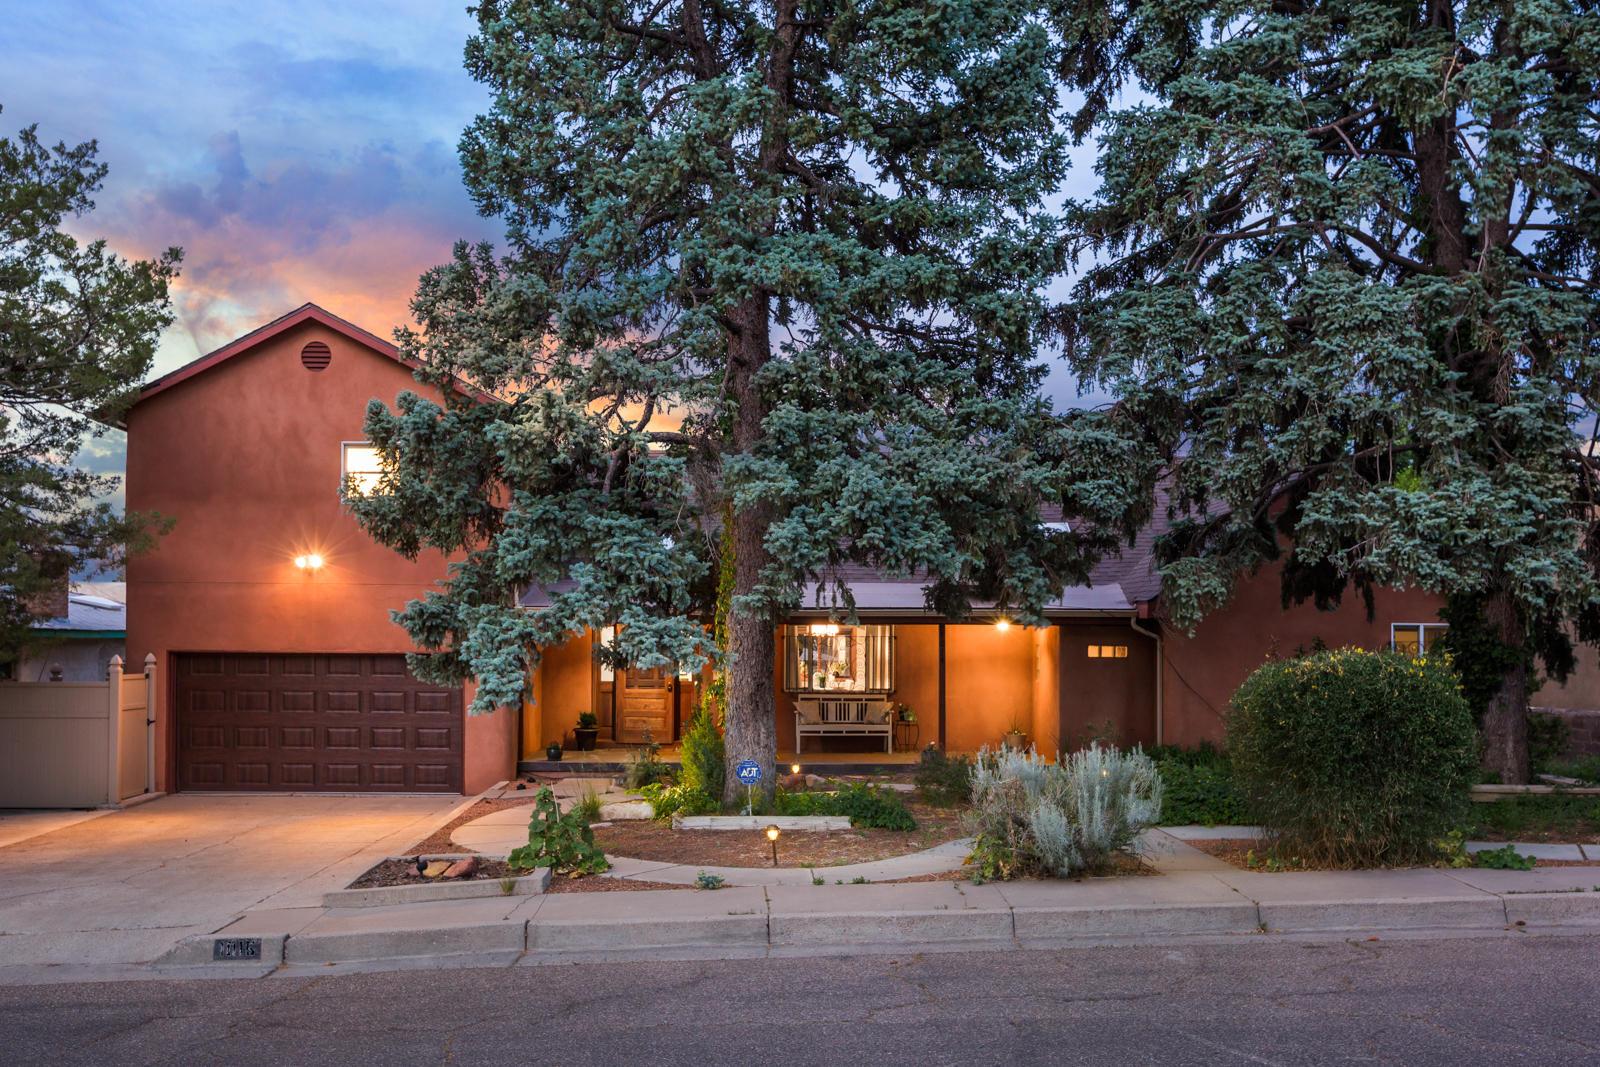 1016 Adams Street SE, Albuquerque, NM 87108 - Albuquerque, NM real estate listing